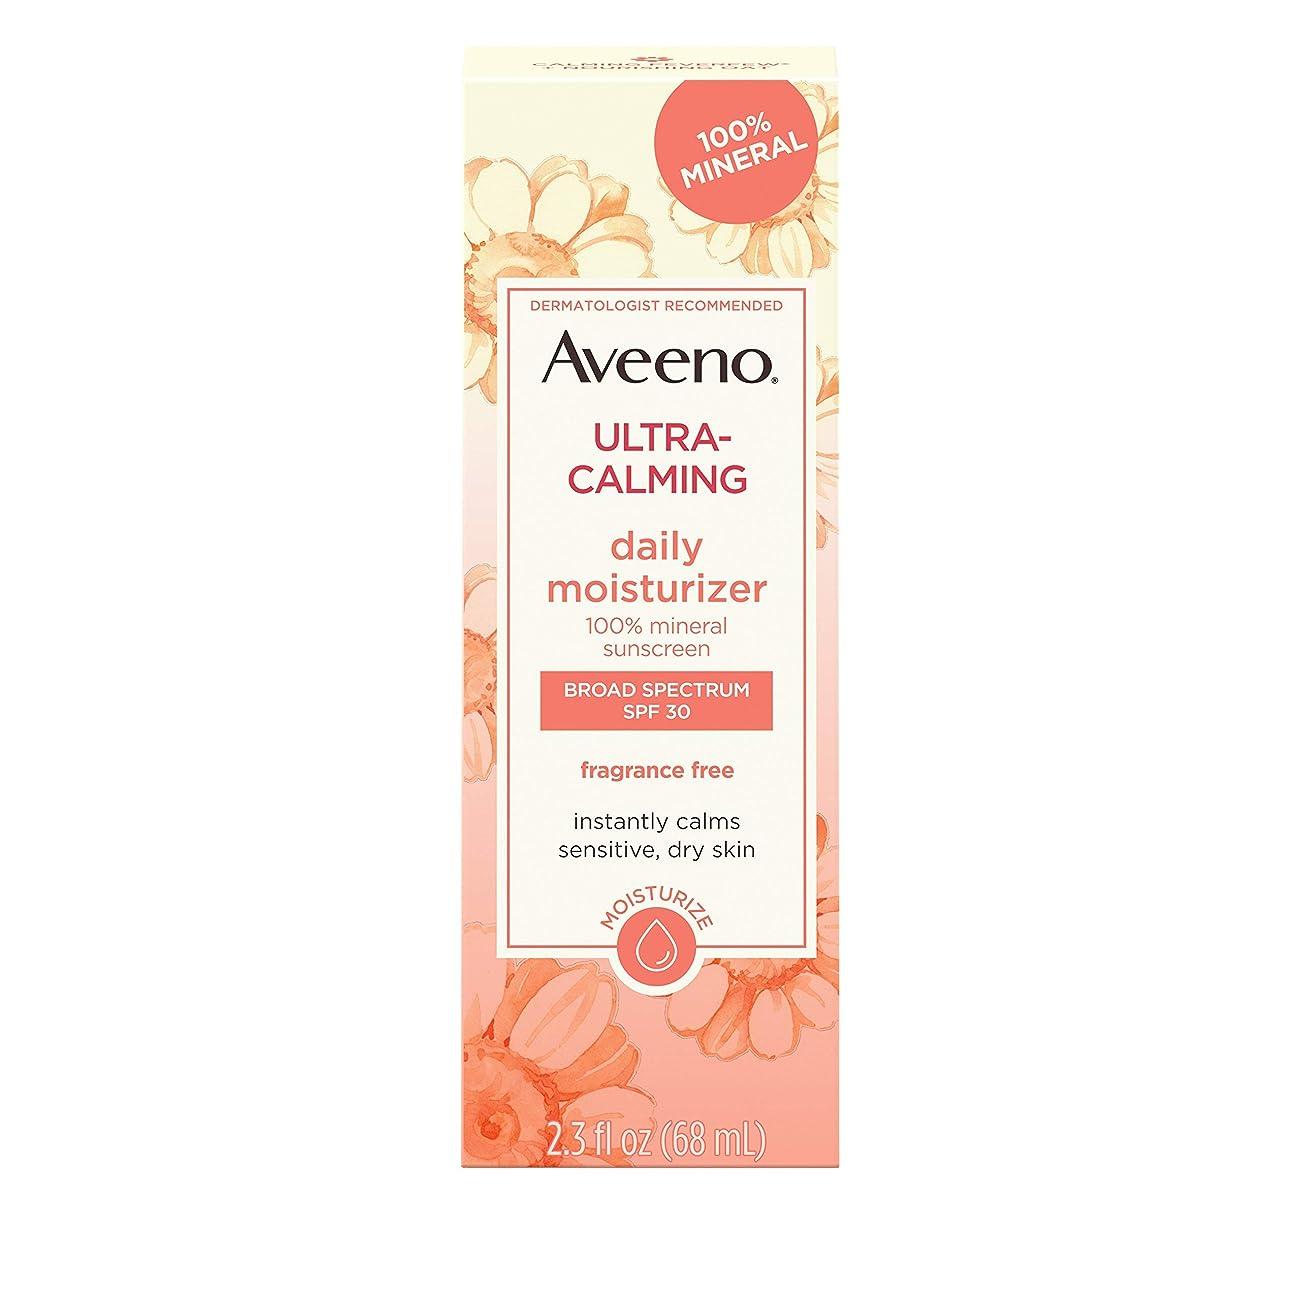 促す早く正しくアビーノ ウルトラカーミング デイリーモイスチャライザー無香料 敏感肌用 SPF30 0.25オンス Aveeno Ultra-Calming Daily Fragrance-Free Moisturizer - Sensitive Skin - SPF 30-2.5 fl oz